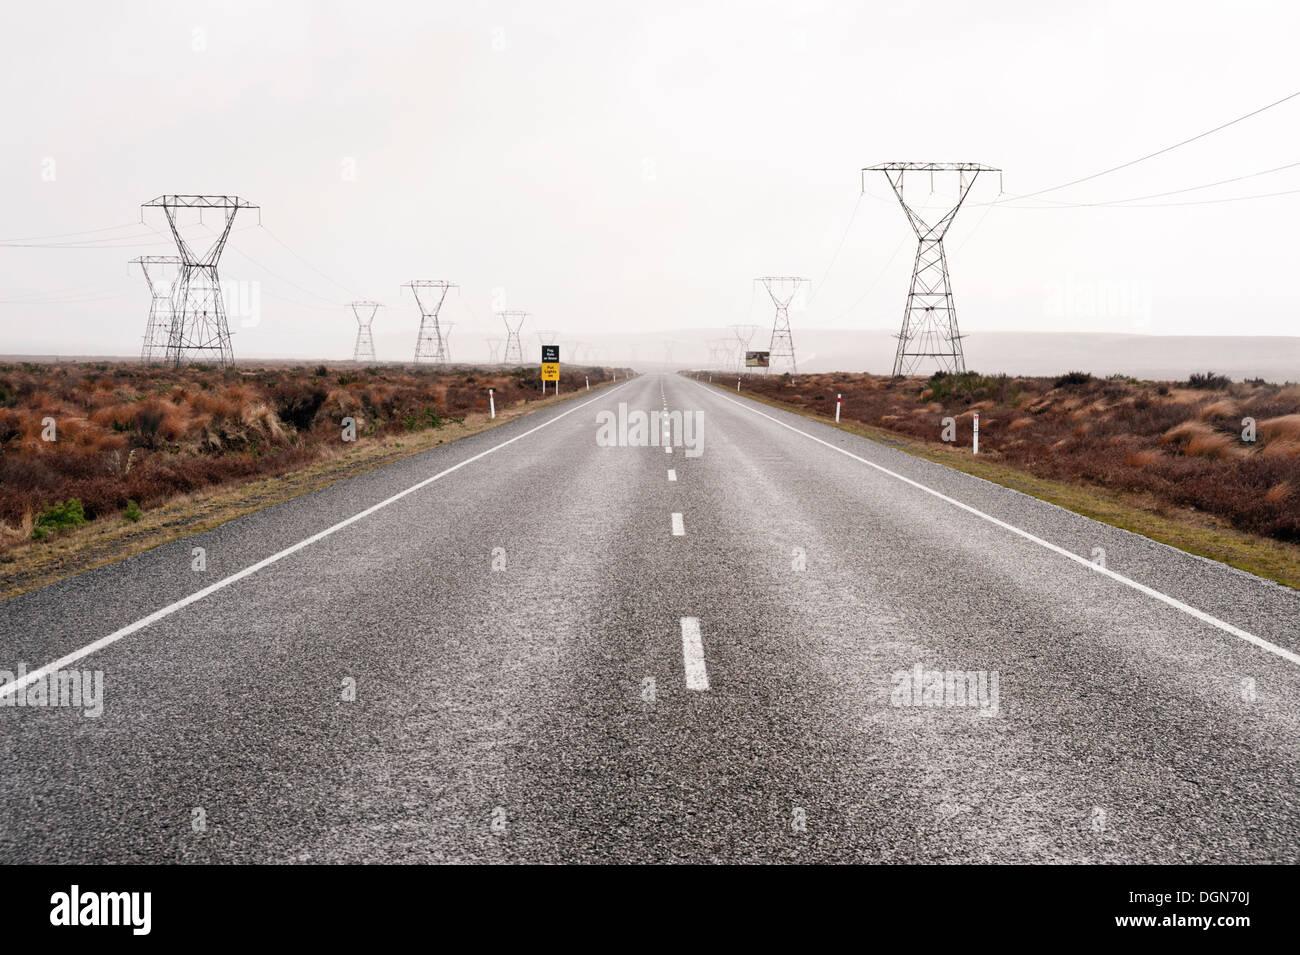 Les lignes de transport d'électricité le long de la Route 1 Route du désert, dans la région Photo Stock